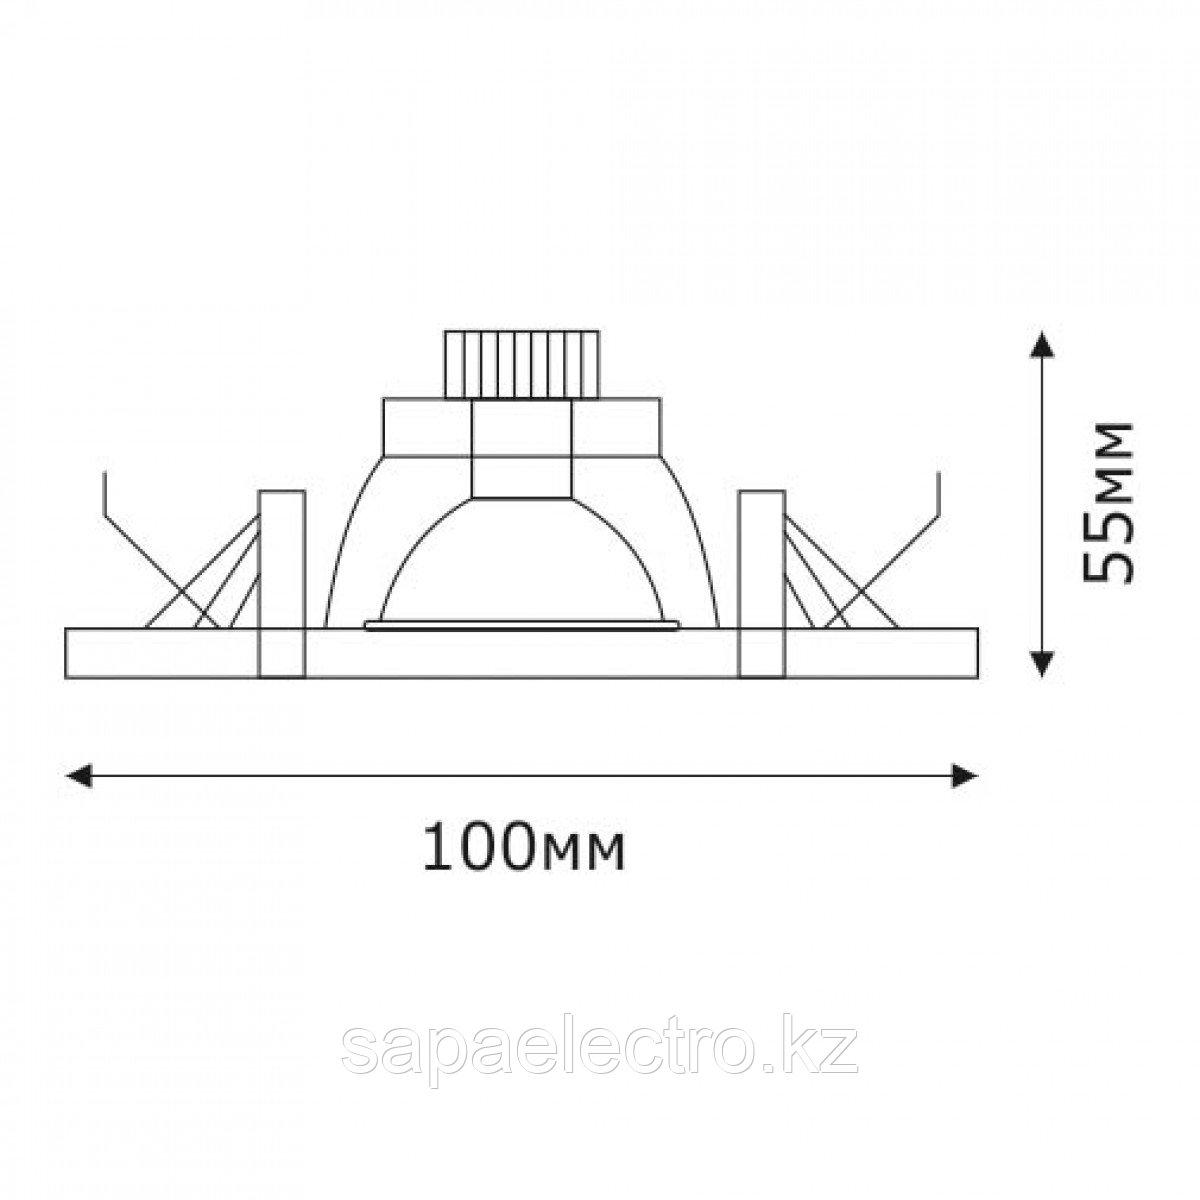 Спот LED ZP111-4 ROUND 3W 5000K (TS) 60шт